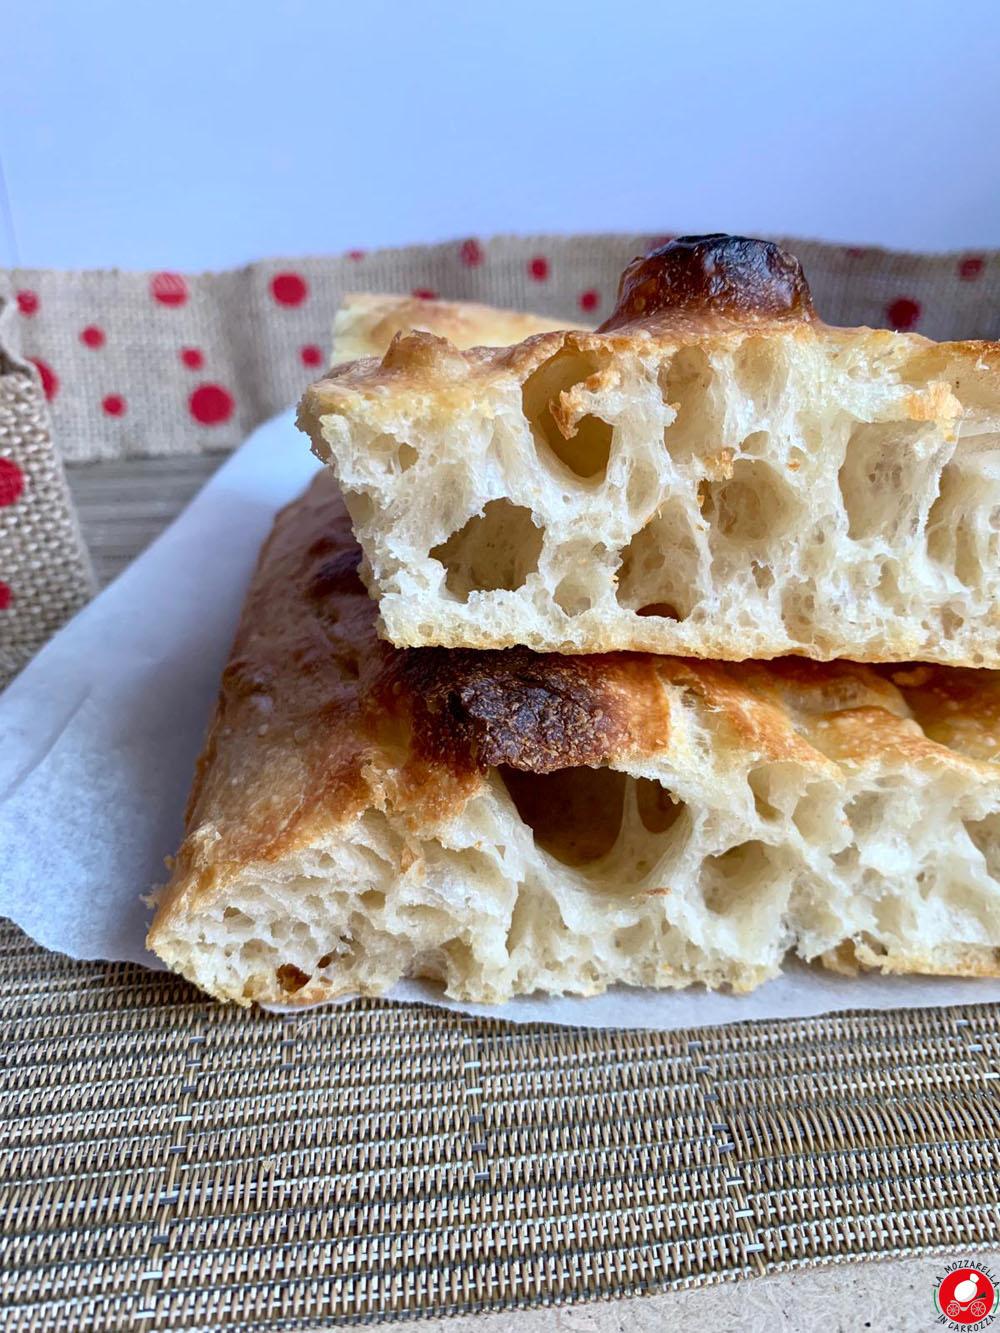 La Mozzarella in Carrozza - Focaccia all'80% di Idratazione